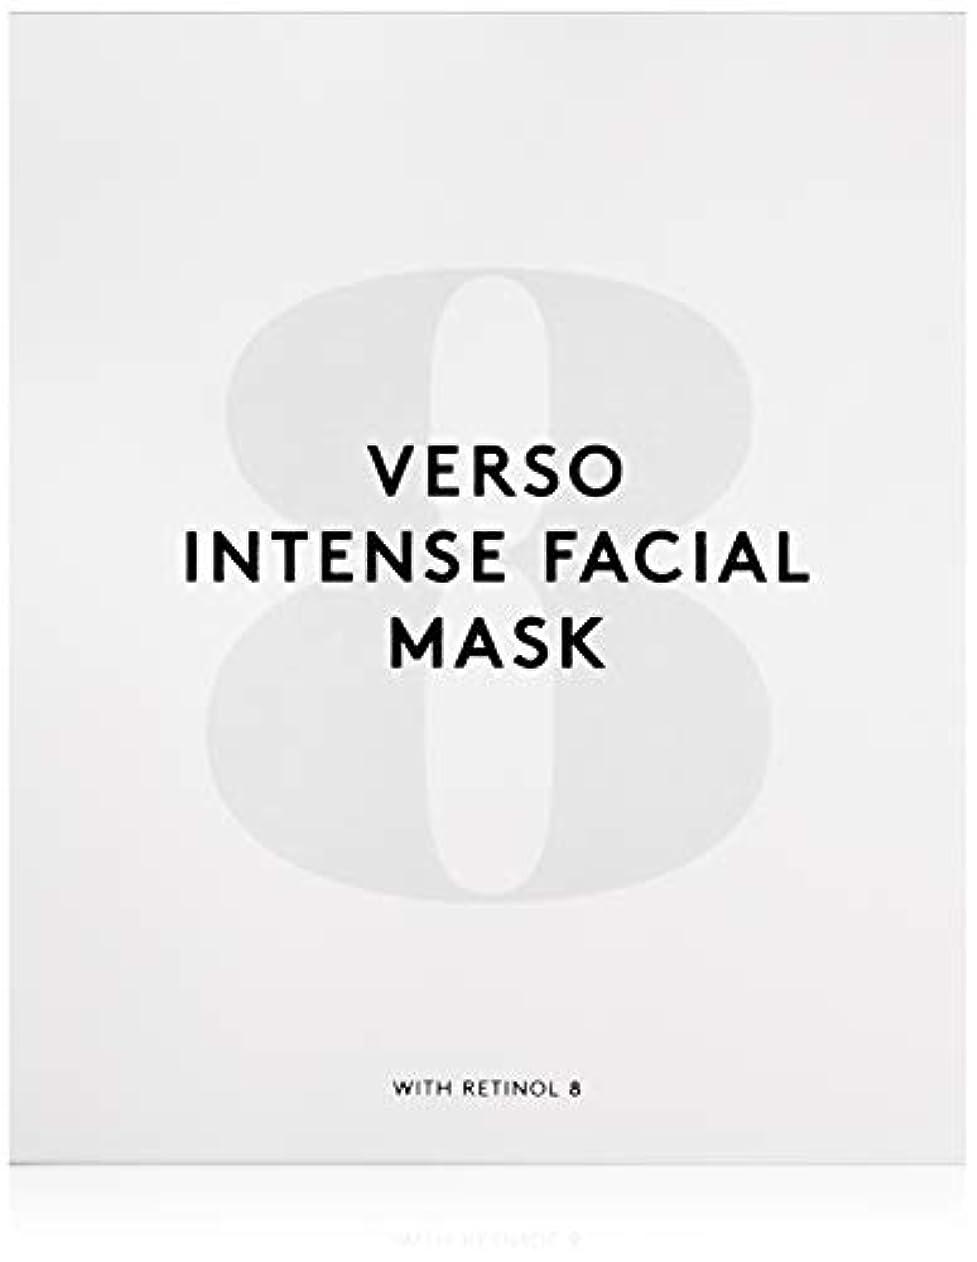 除外するテキストを通してヴェルソスキンケア インテンスフェイシャルマスク 4x25g/0.88oz